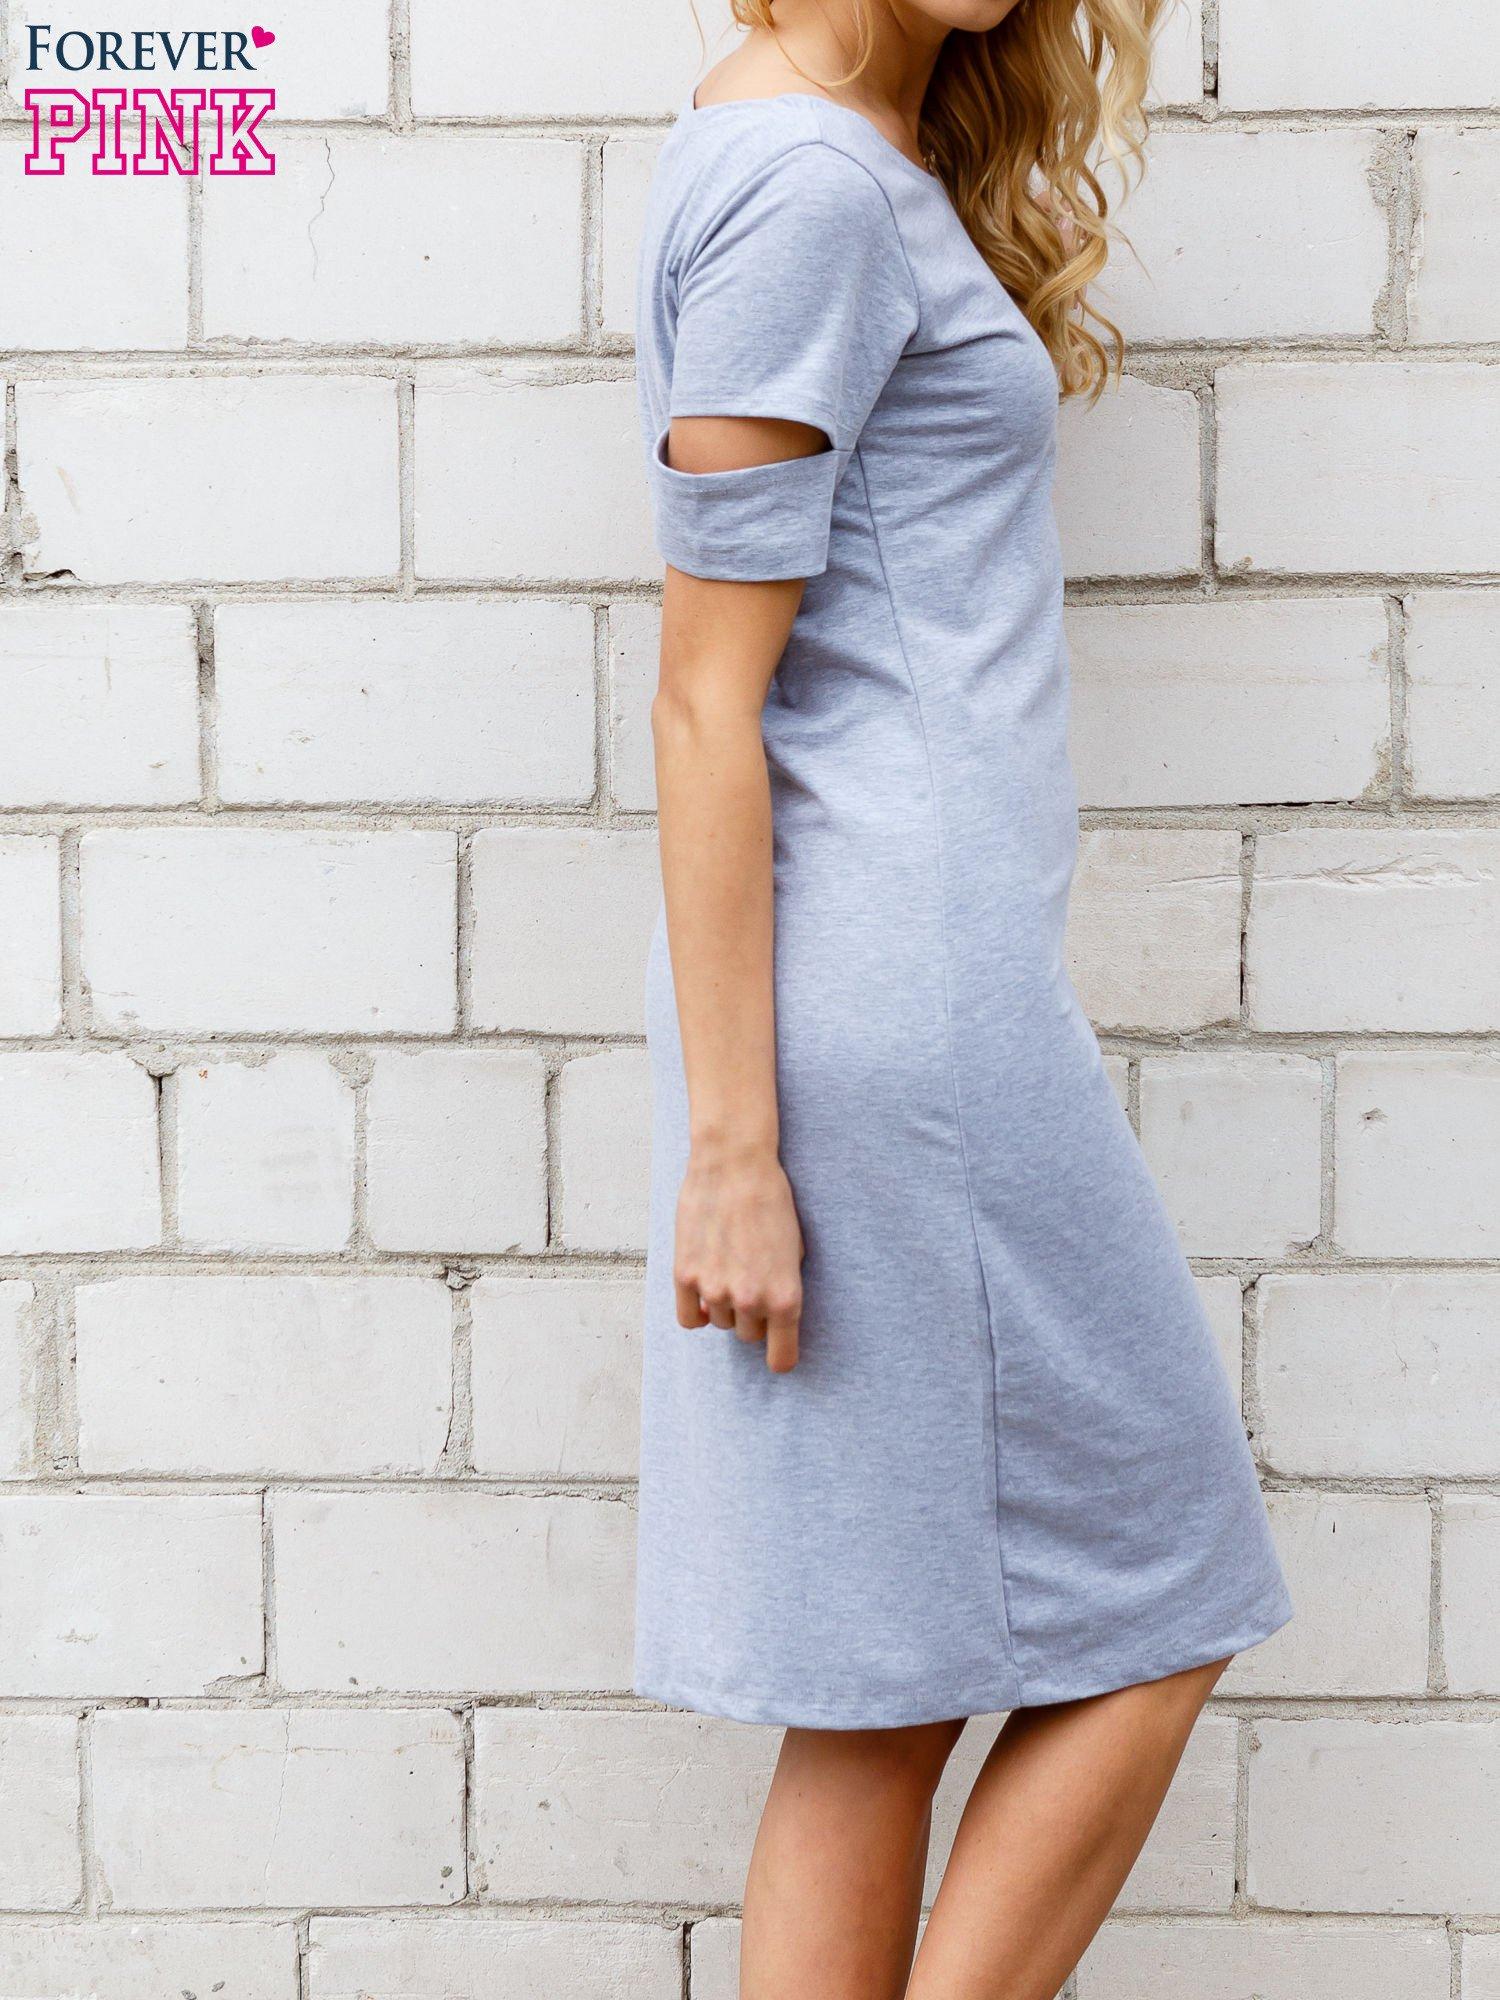 Szara melanżowa sukienka z rozcięciami na rękawach                                  zdj.                                  3